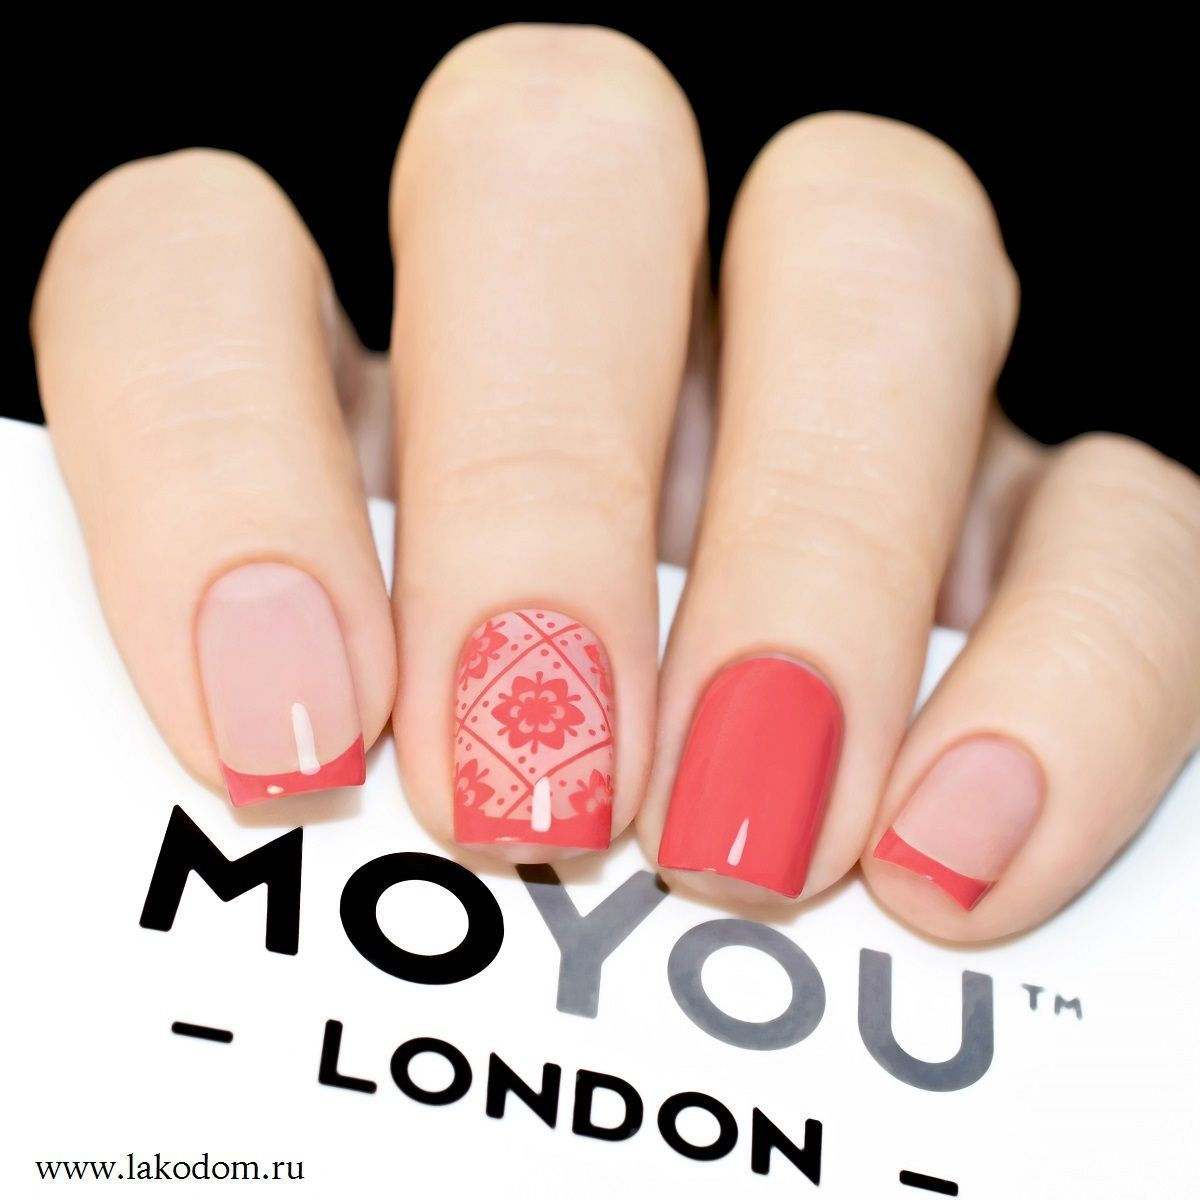 MoYou London Mexico 07 - #nails #nail art #nail #nail polish #nail ...